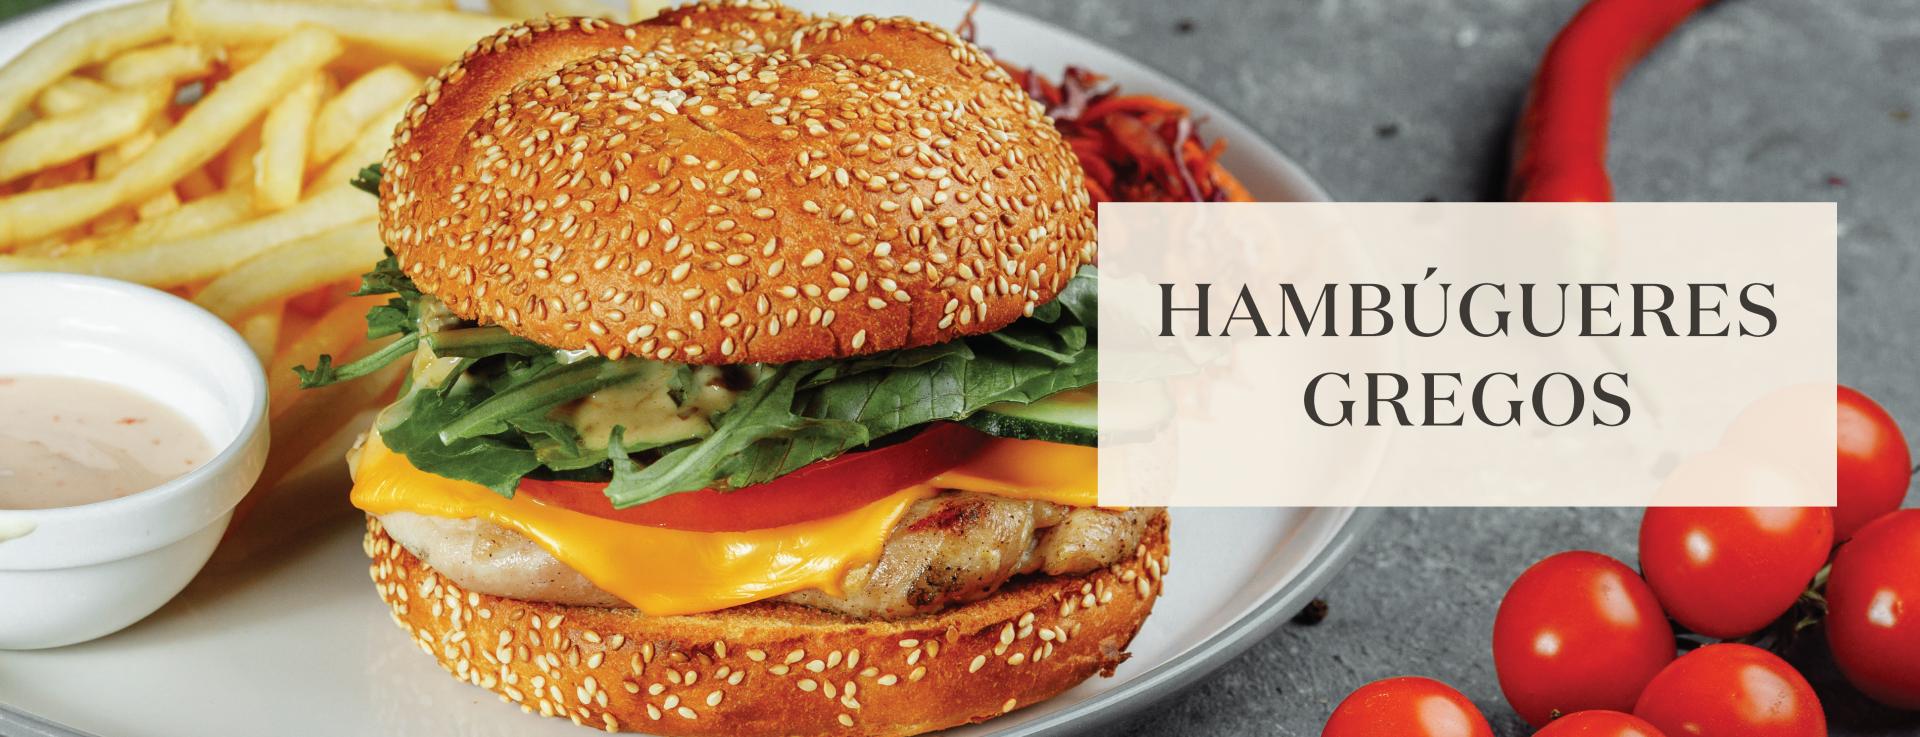 Hambúrgueres Gregos